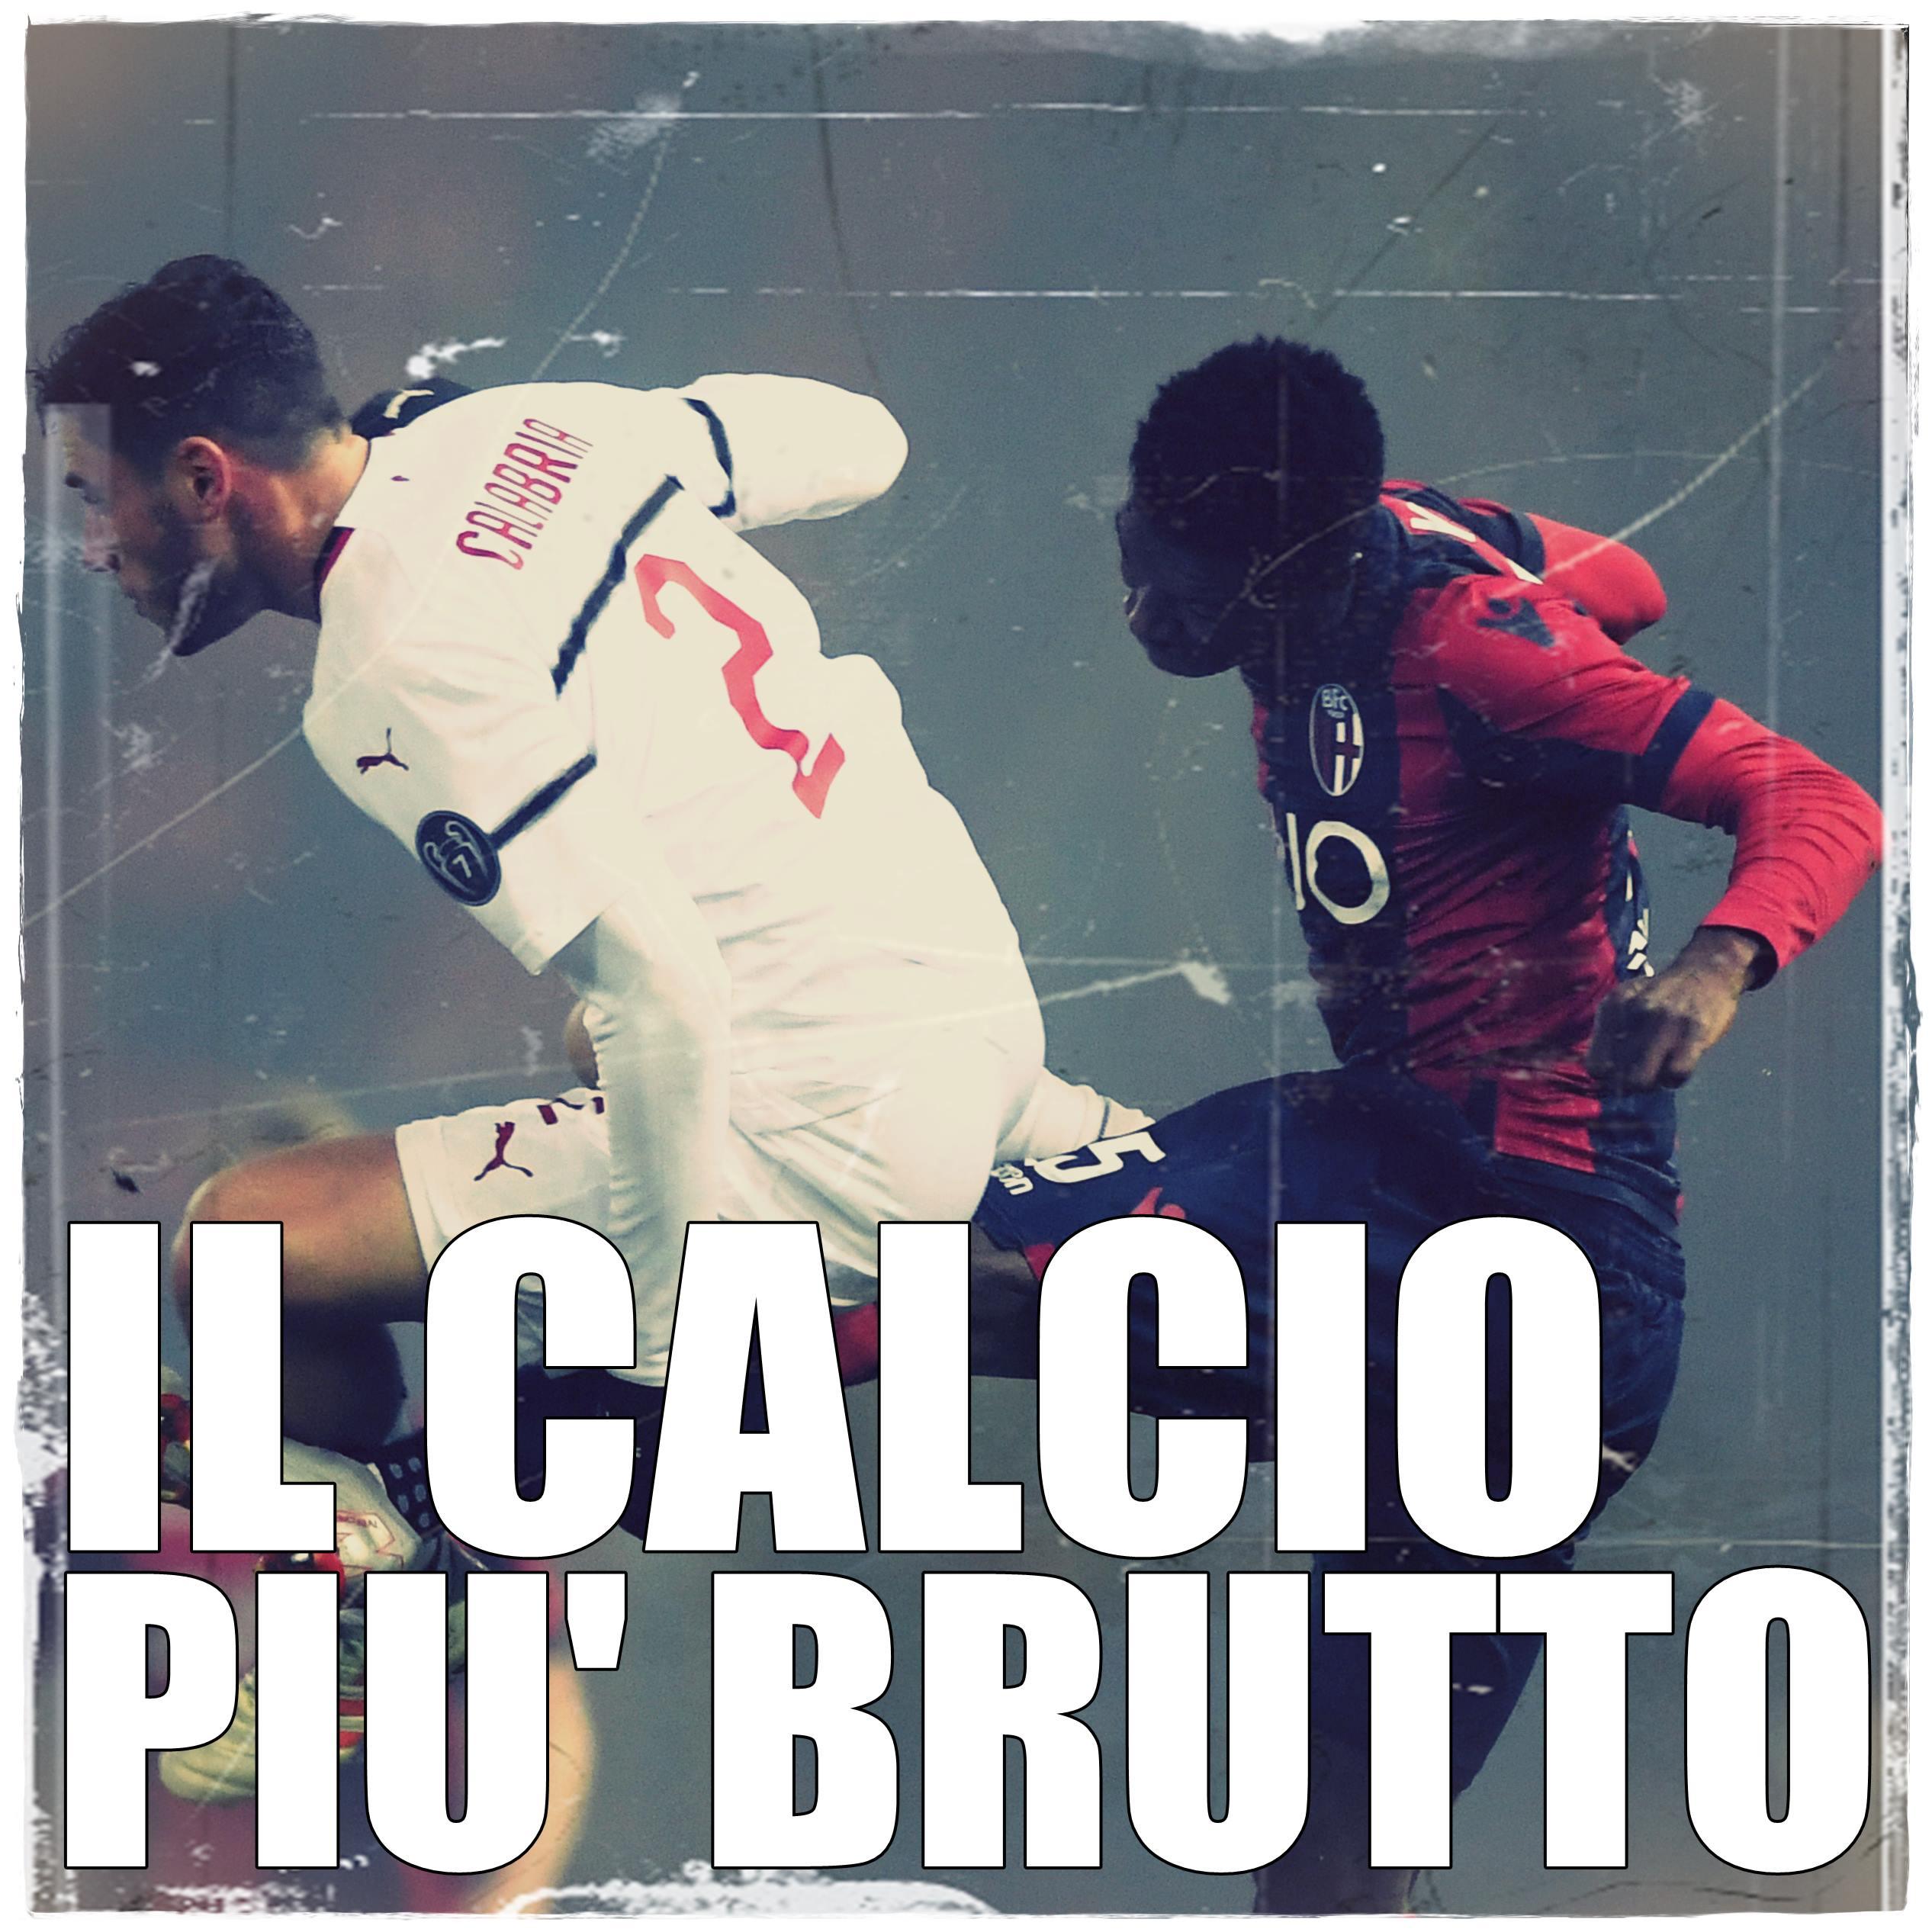 Bologna Milan il calcio più brutto